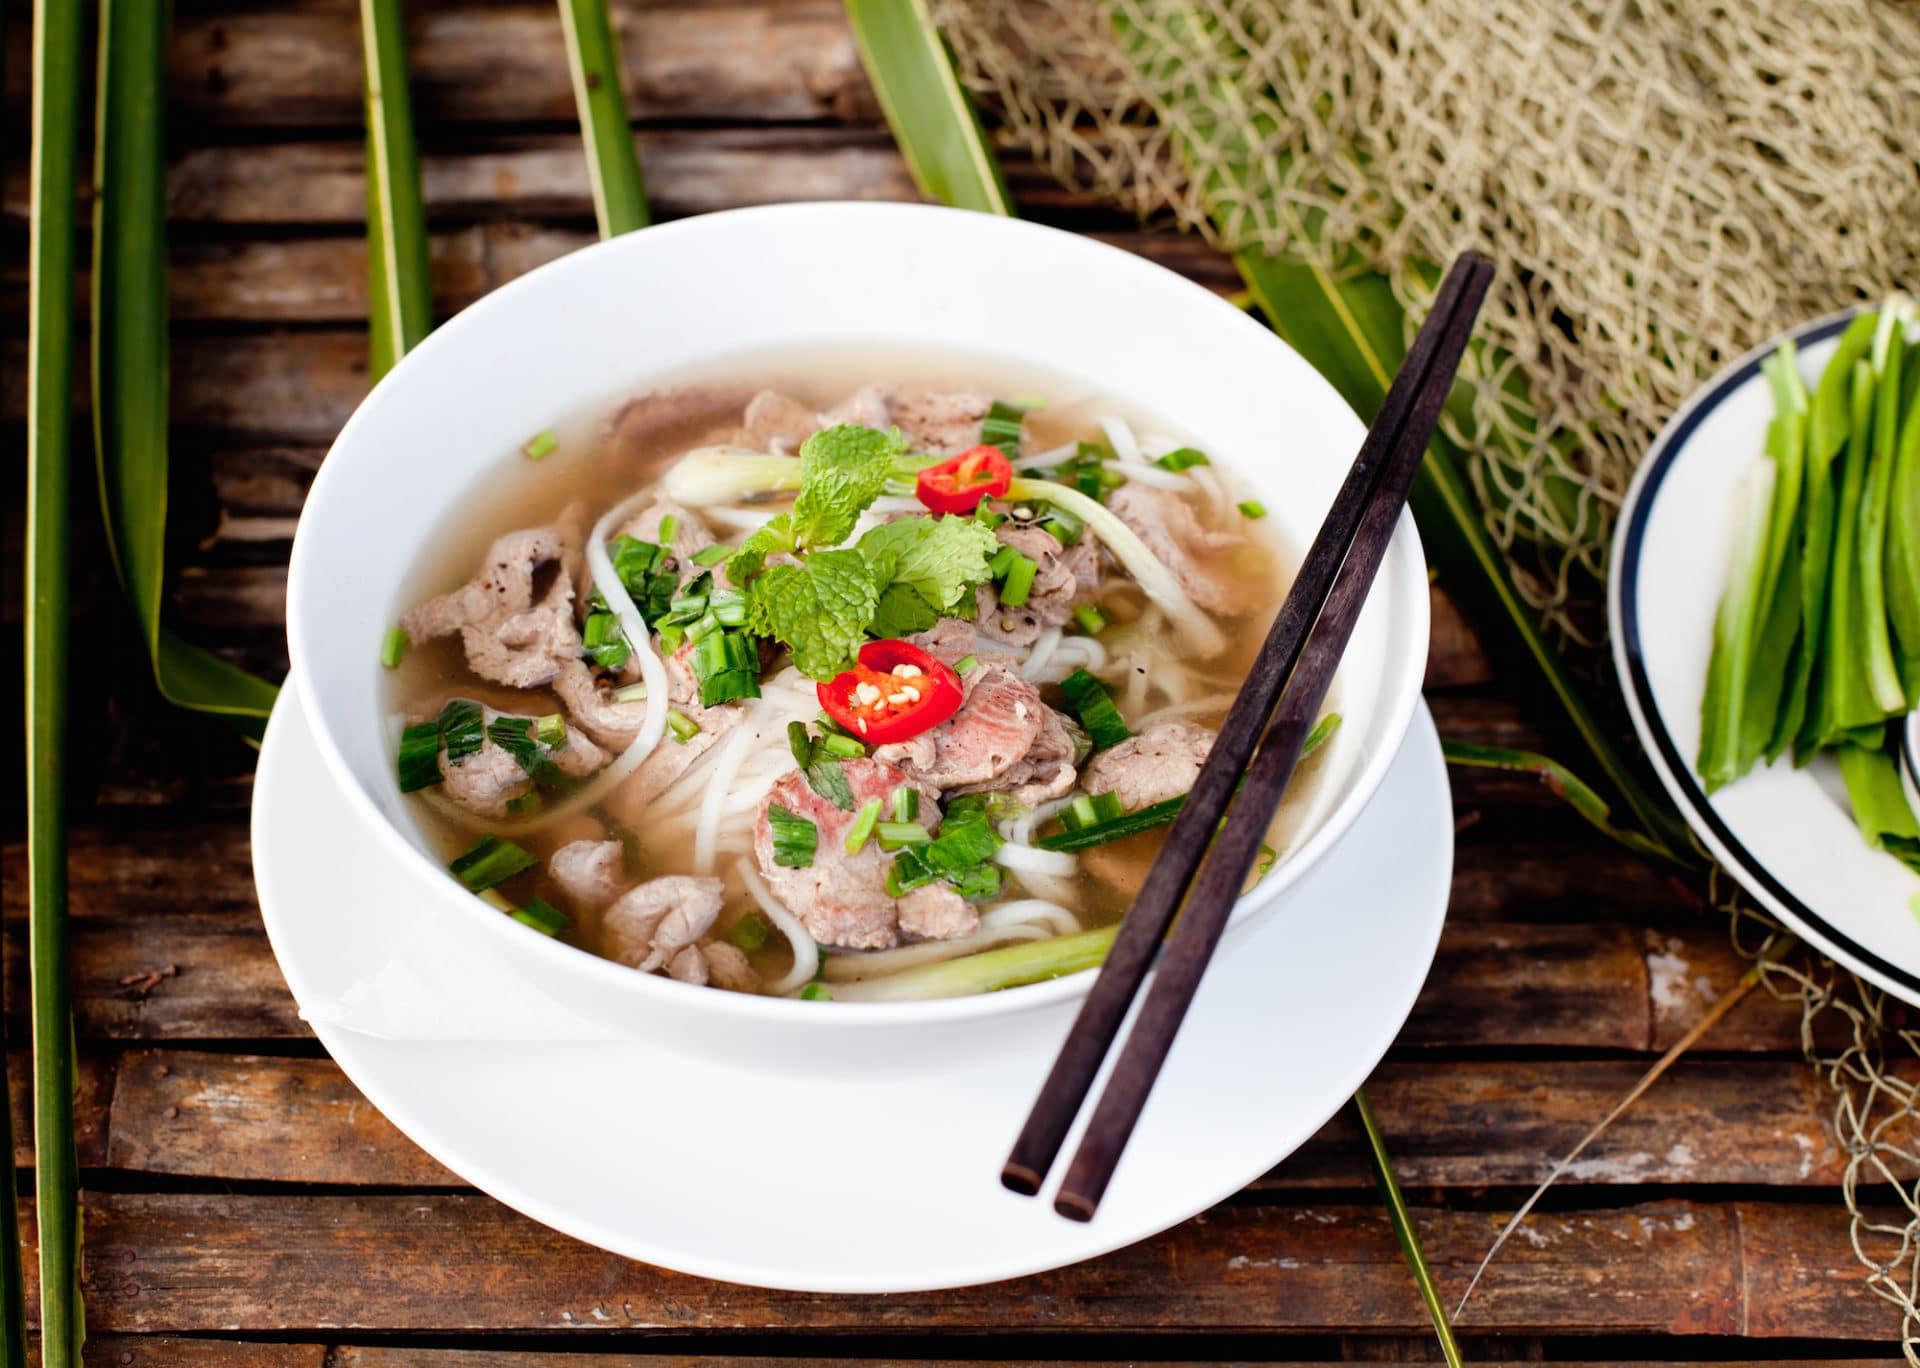 Afbeeldingsresultaat voor Vietnamese food